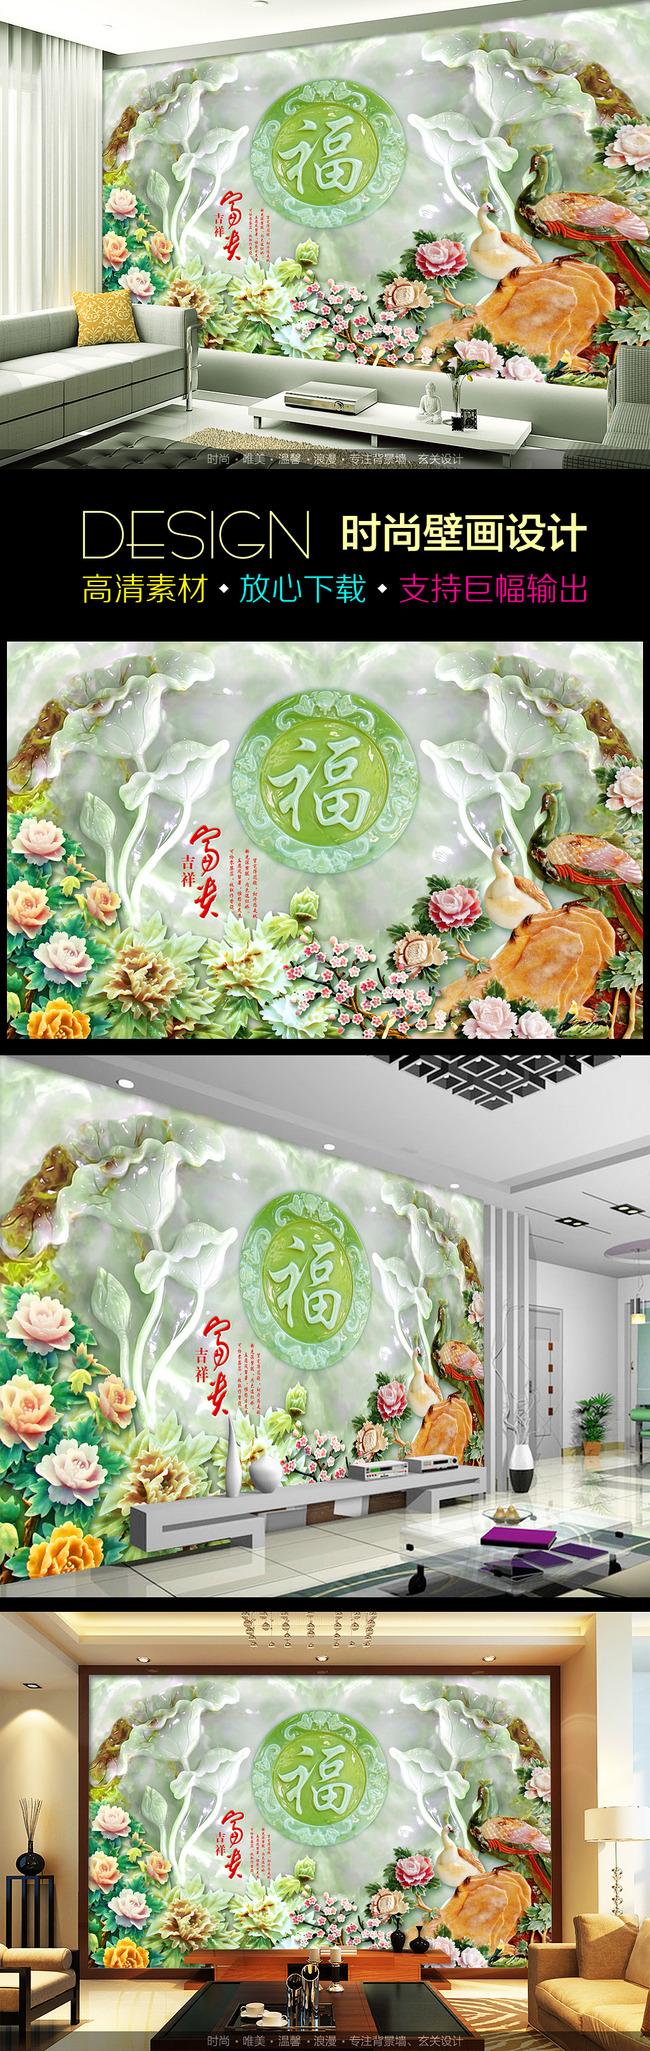 3d 木雕 客厅装饰画 山水画 中式风格 喜鹊 福字 家和万事兴 玉雕福字